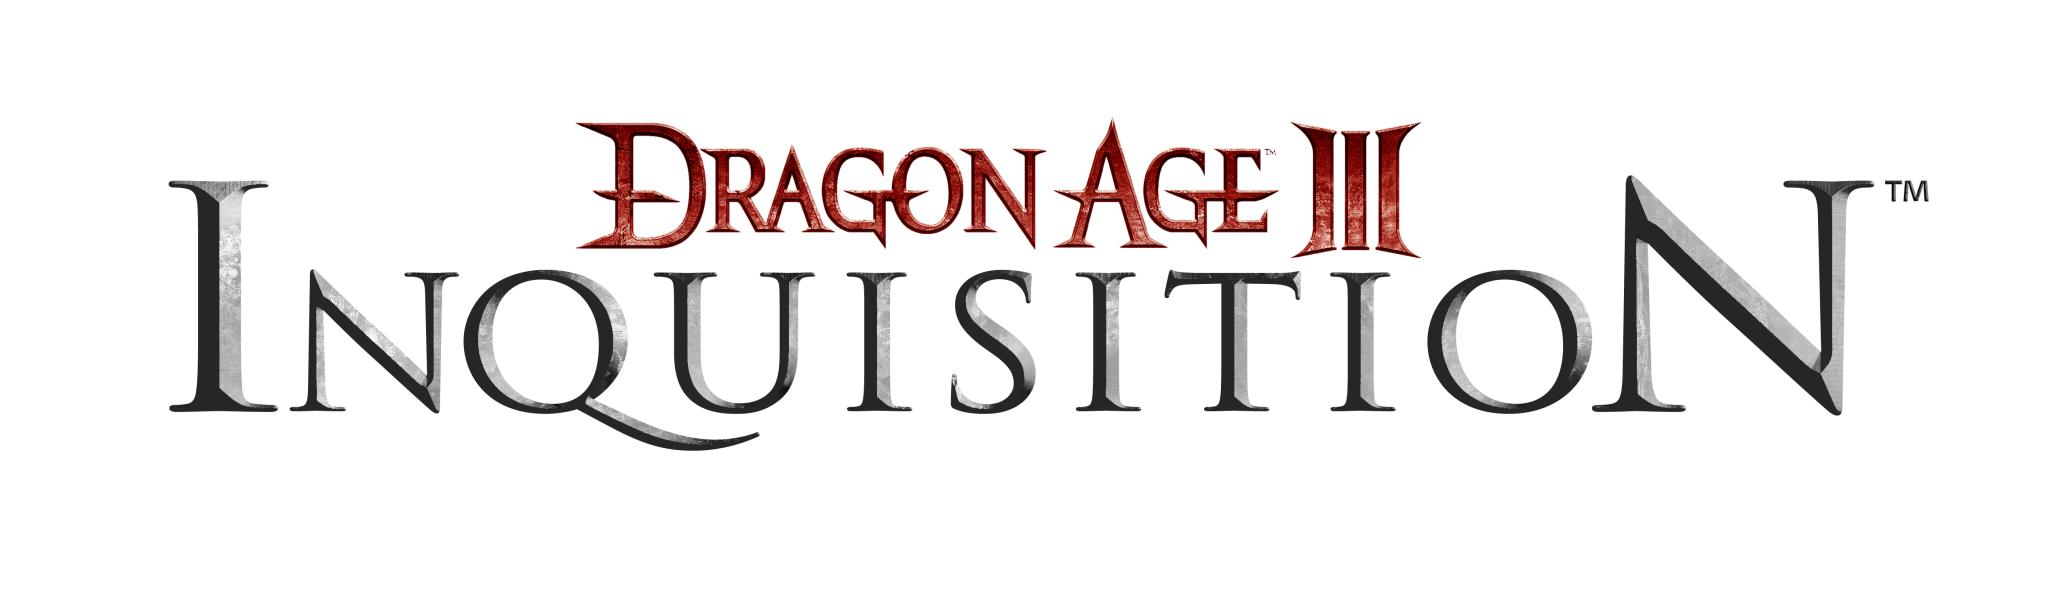 Руководство по романтическим отношениям в Dragon Age: Inquisition - Изображение 1